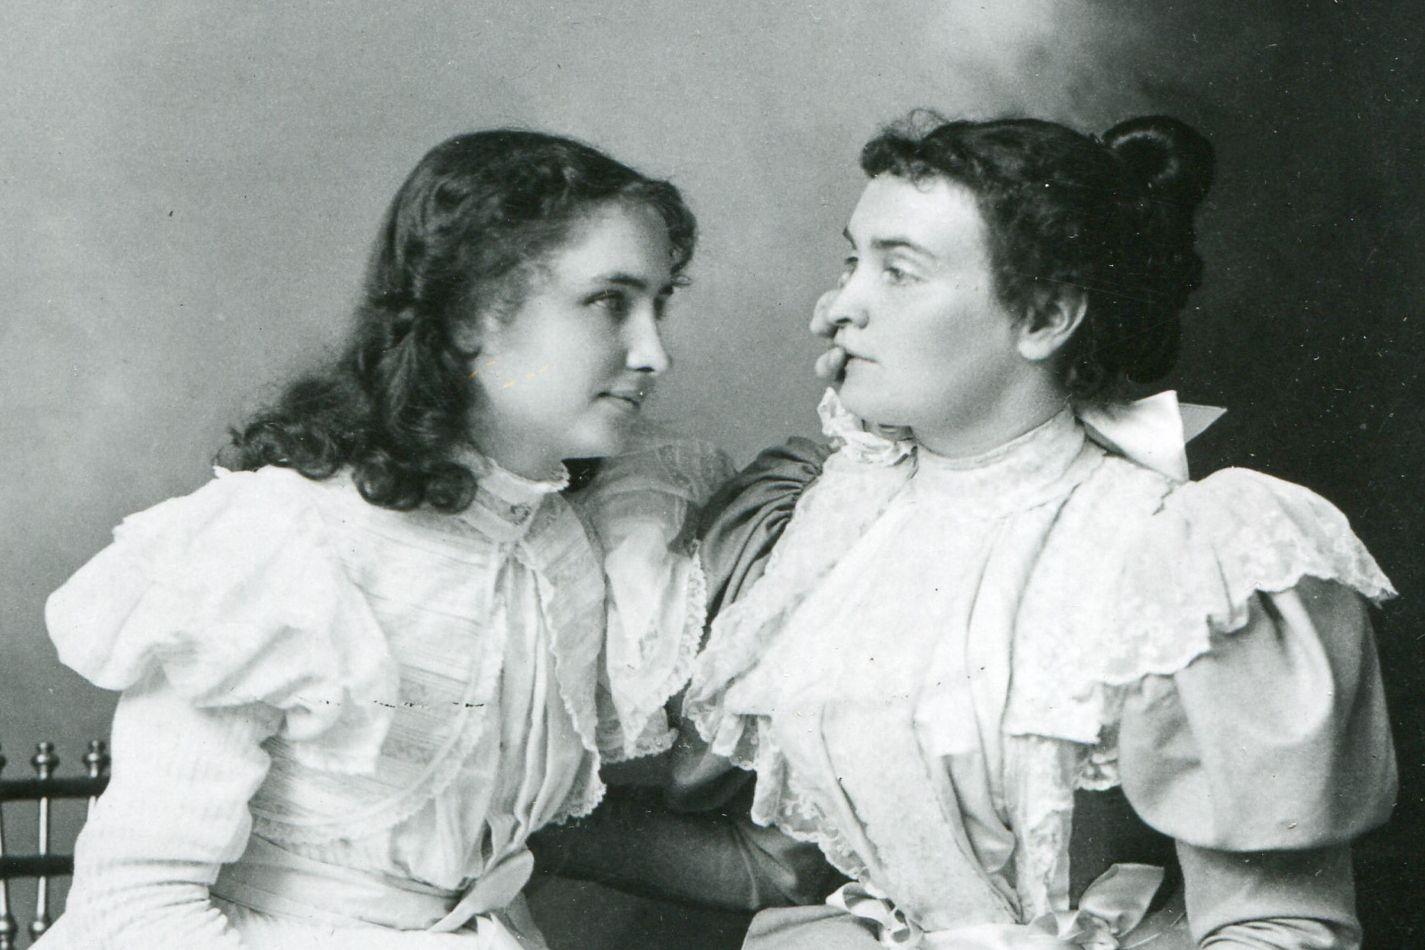 Helen Keller Deaf And Blind Advocate And Role Model